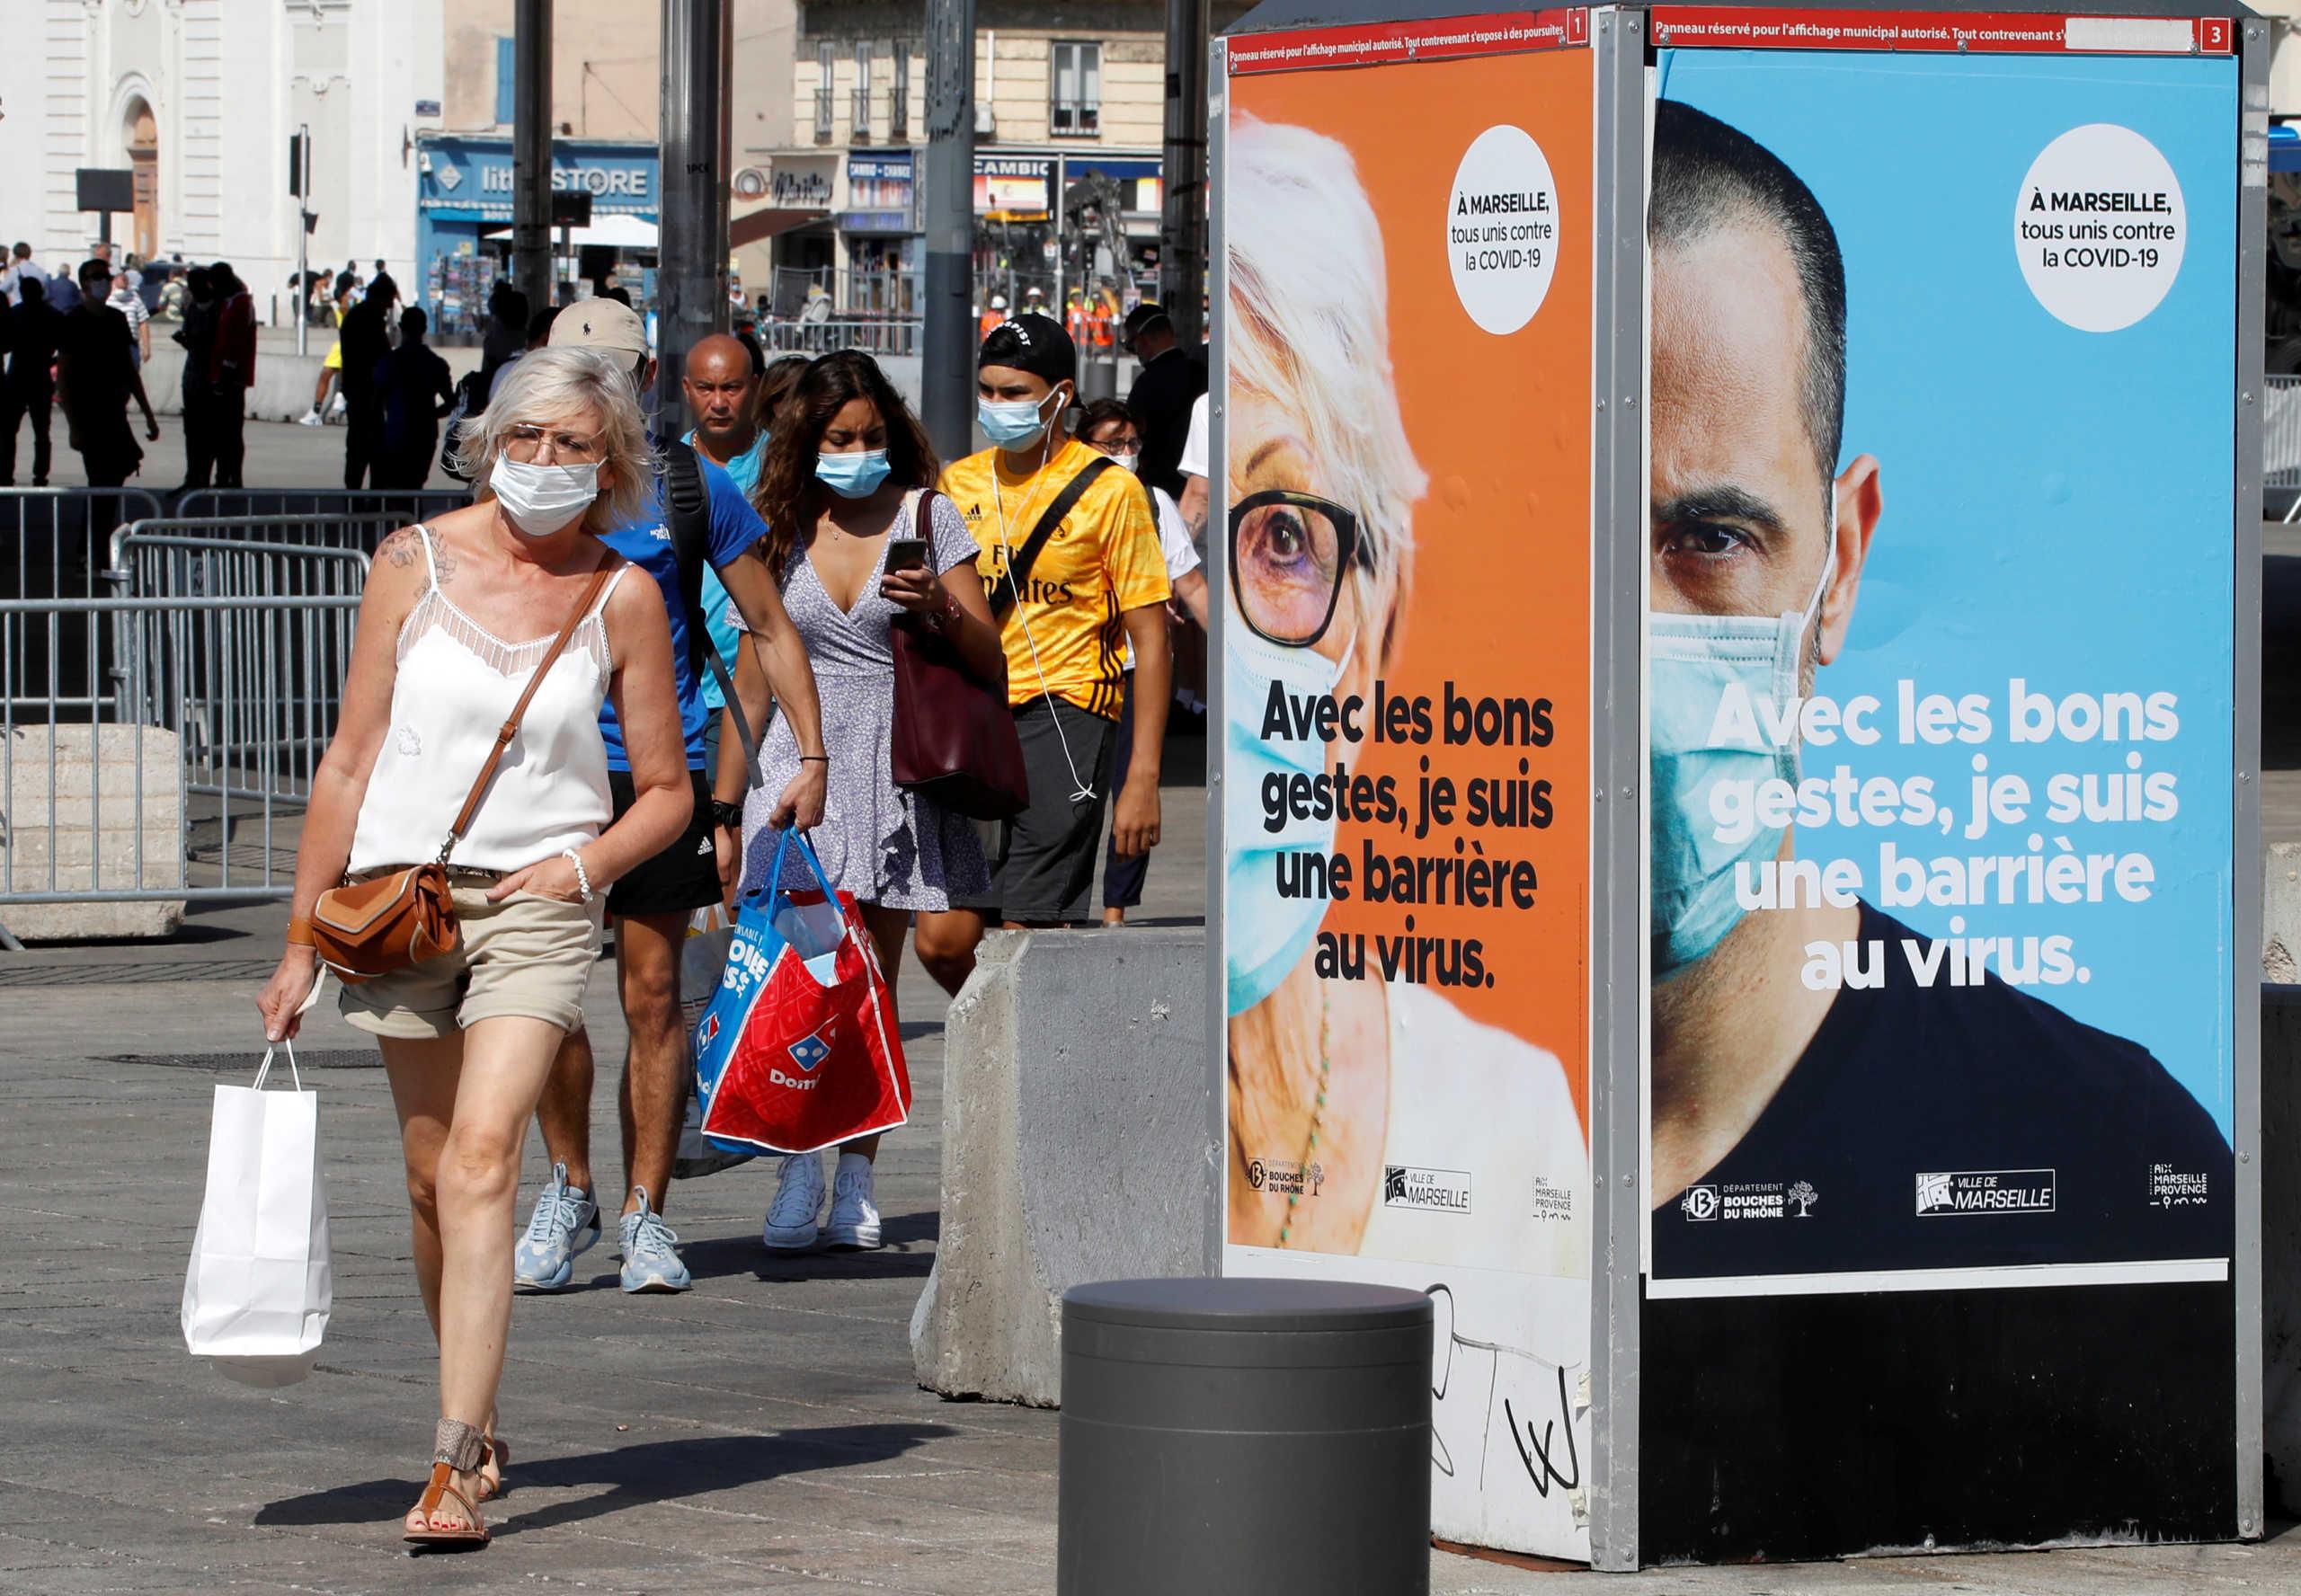 Κορονοϊός: Οργή των δημοτικών αρχών στη Μασσαλία για τα μέτρα – Κλείνουν μπαρ και εστιατόρια